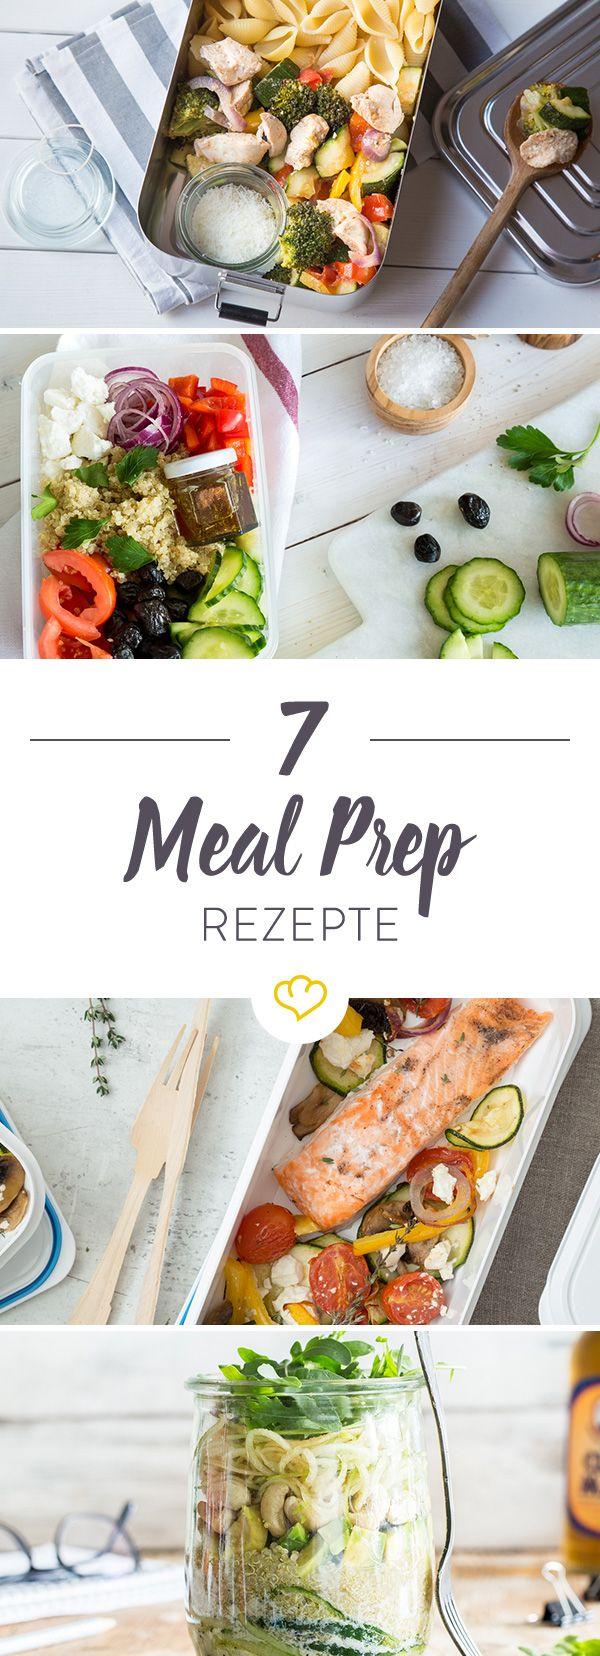 Meal Prep steht für Vorkochen und Mitnehmen der Mahlzeiten. Hier erfährst du etwas mehr zu dem neuen Trend und bekommst 7 Rezepte für deine Woche.